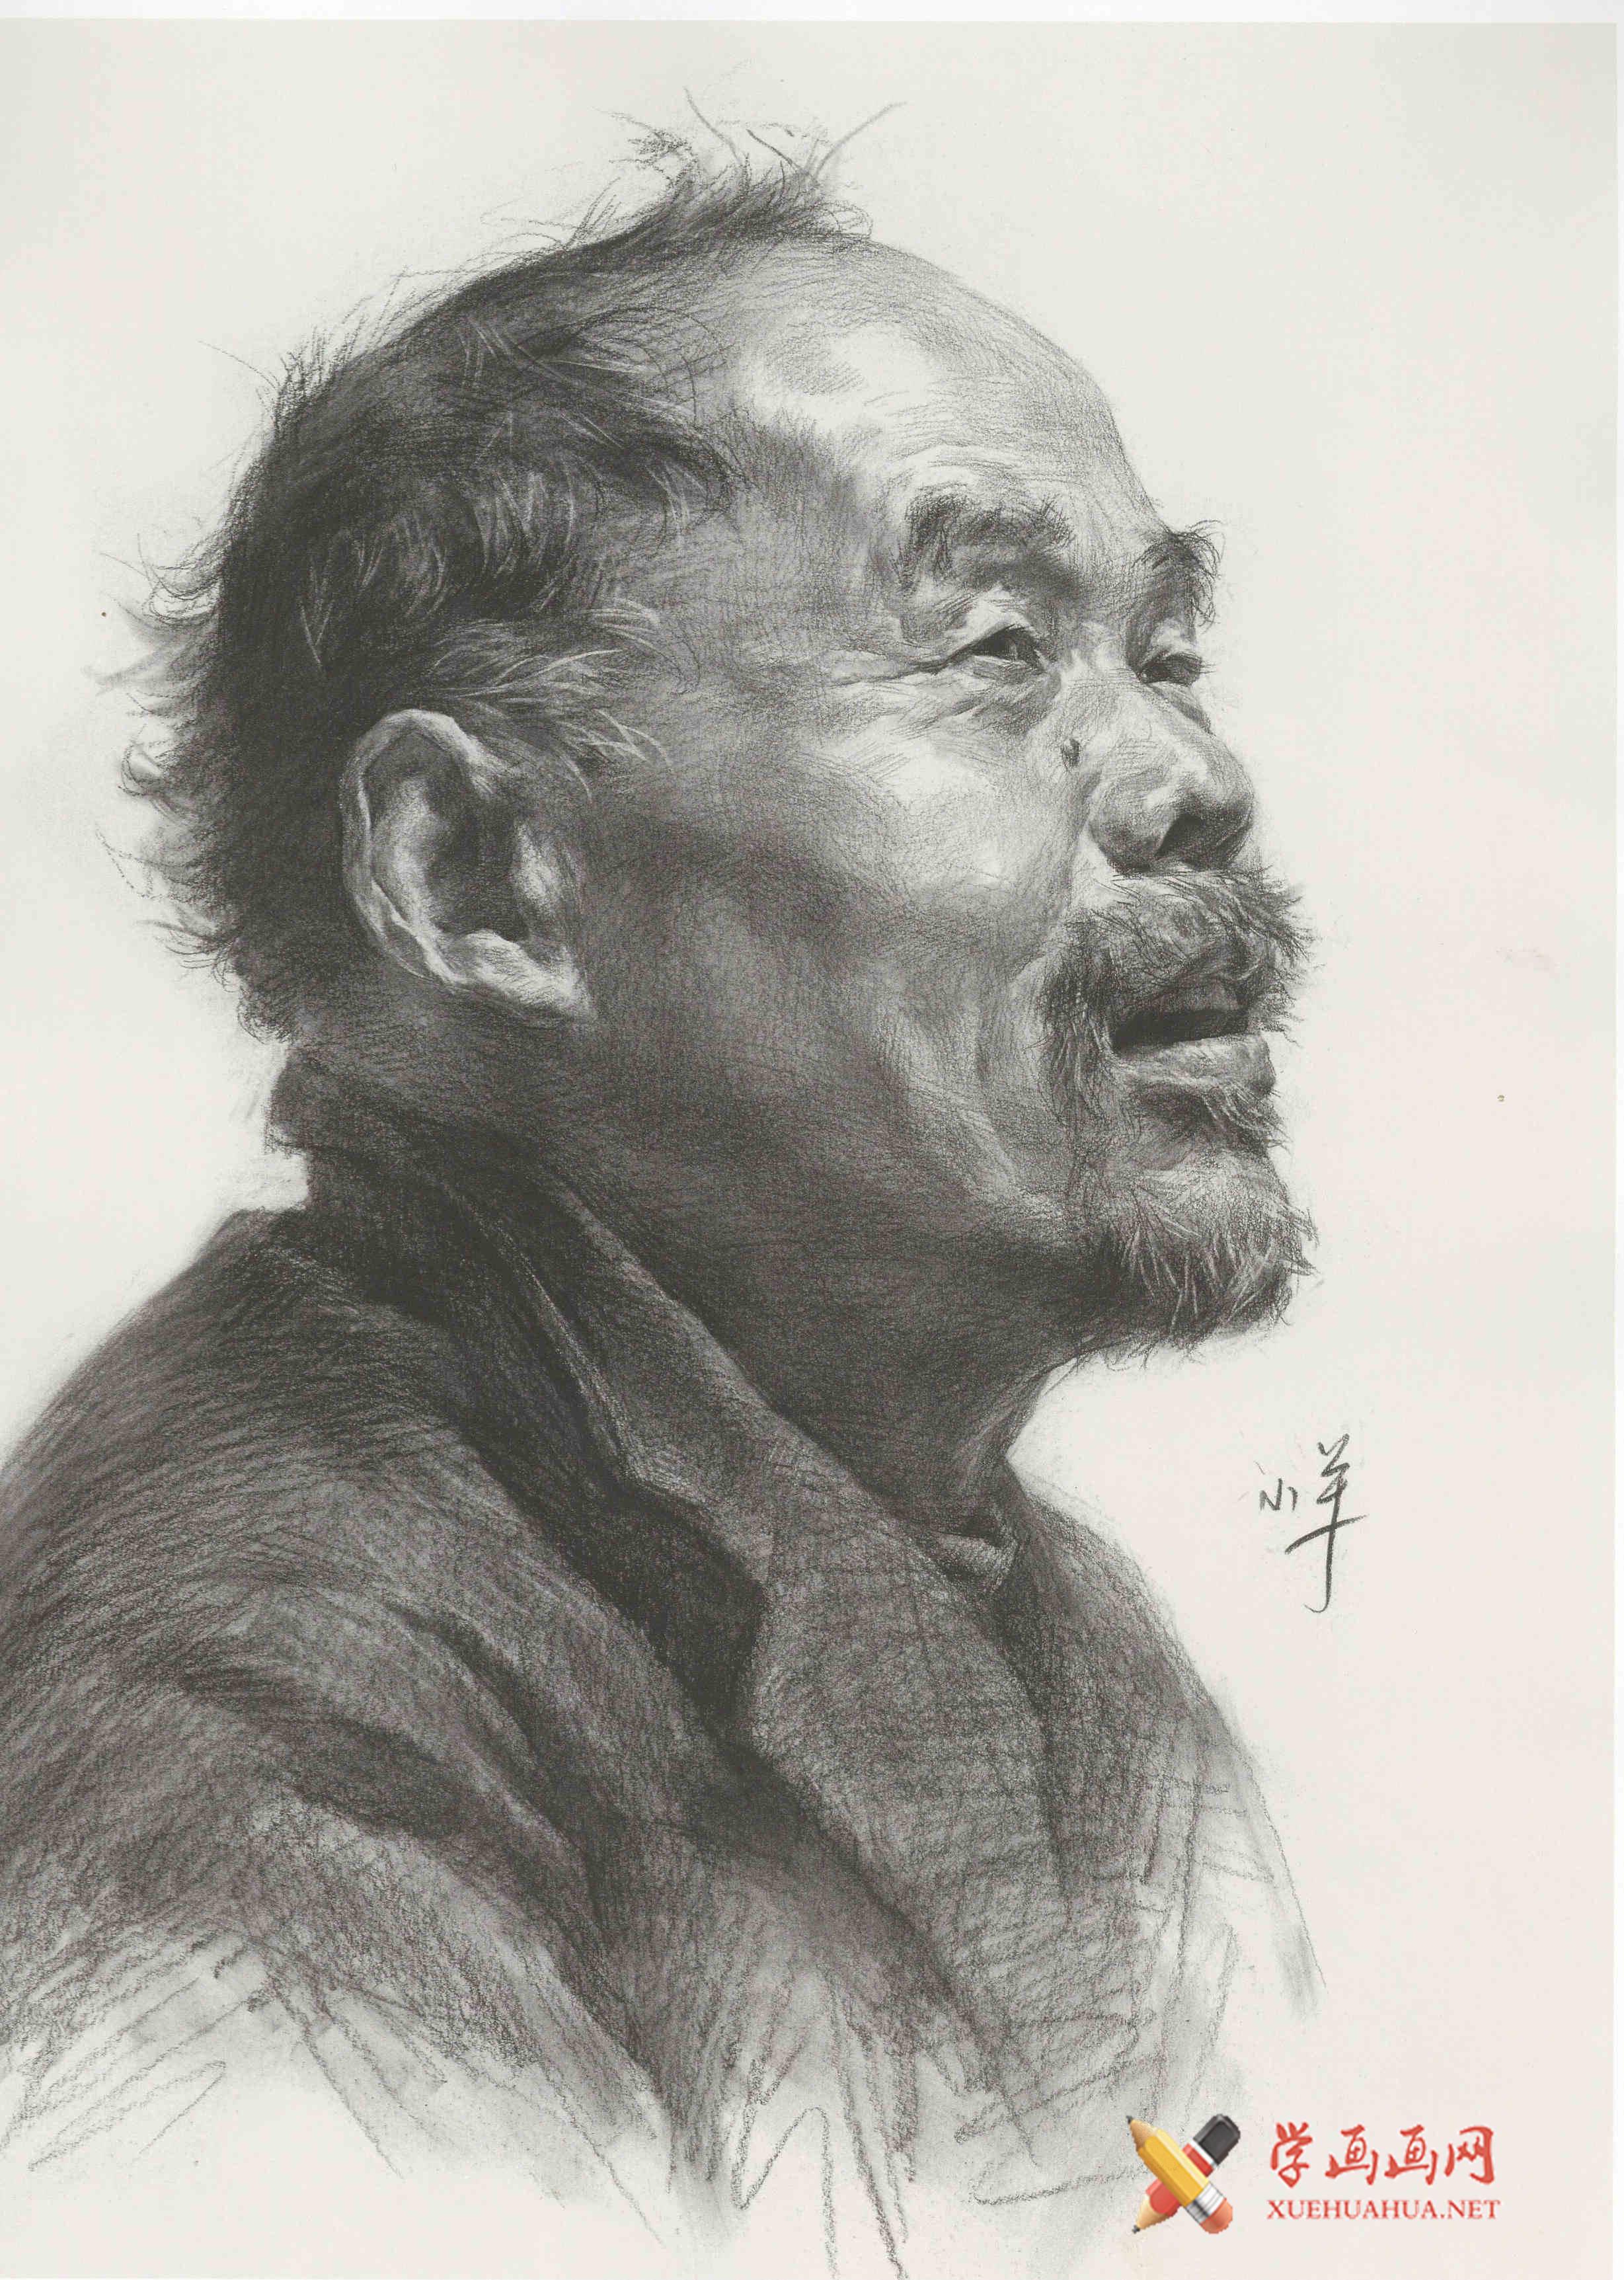 优秀素描头像《侧面老人》高清素描画临摹图片(1)